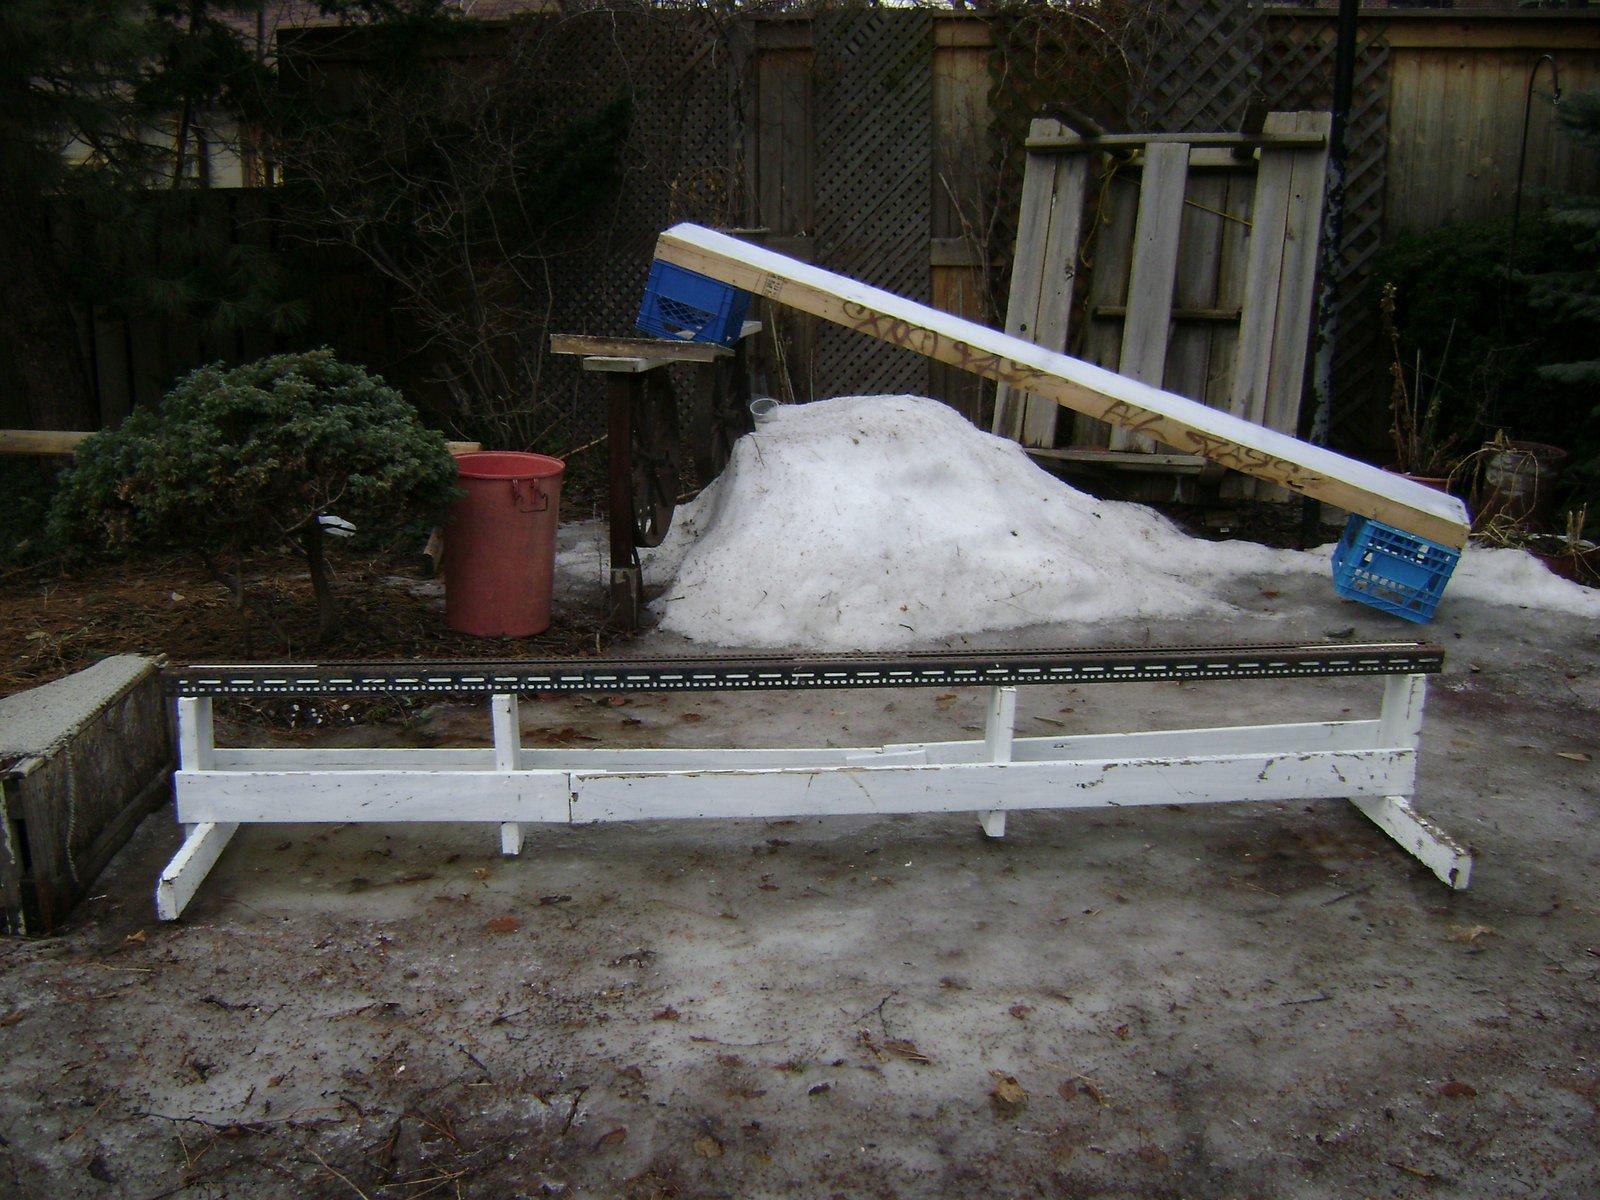 10' meatla rail